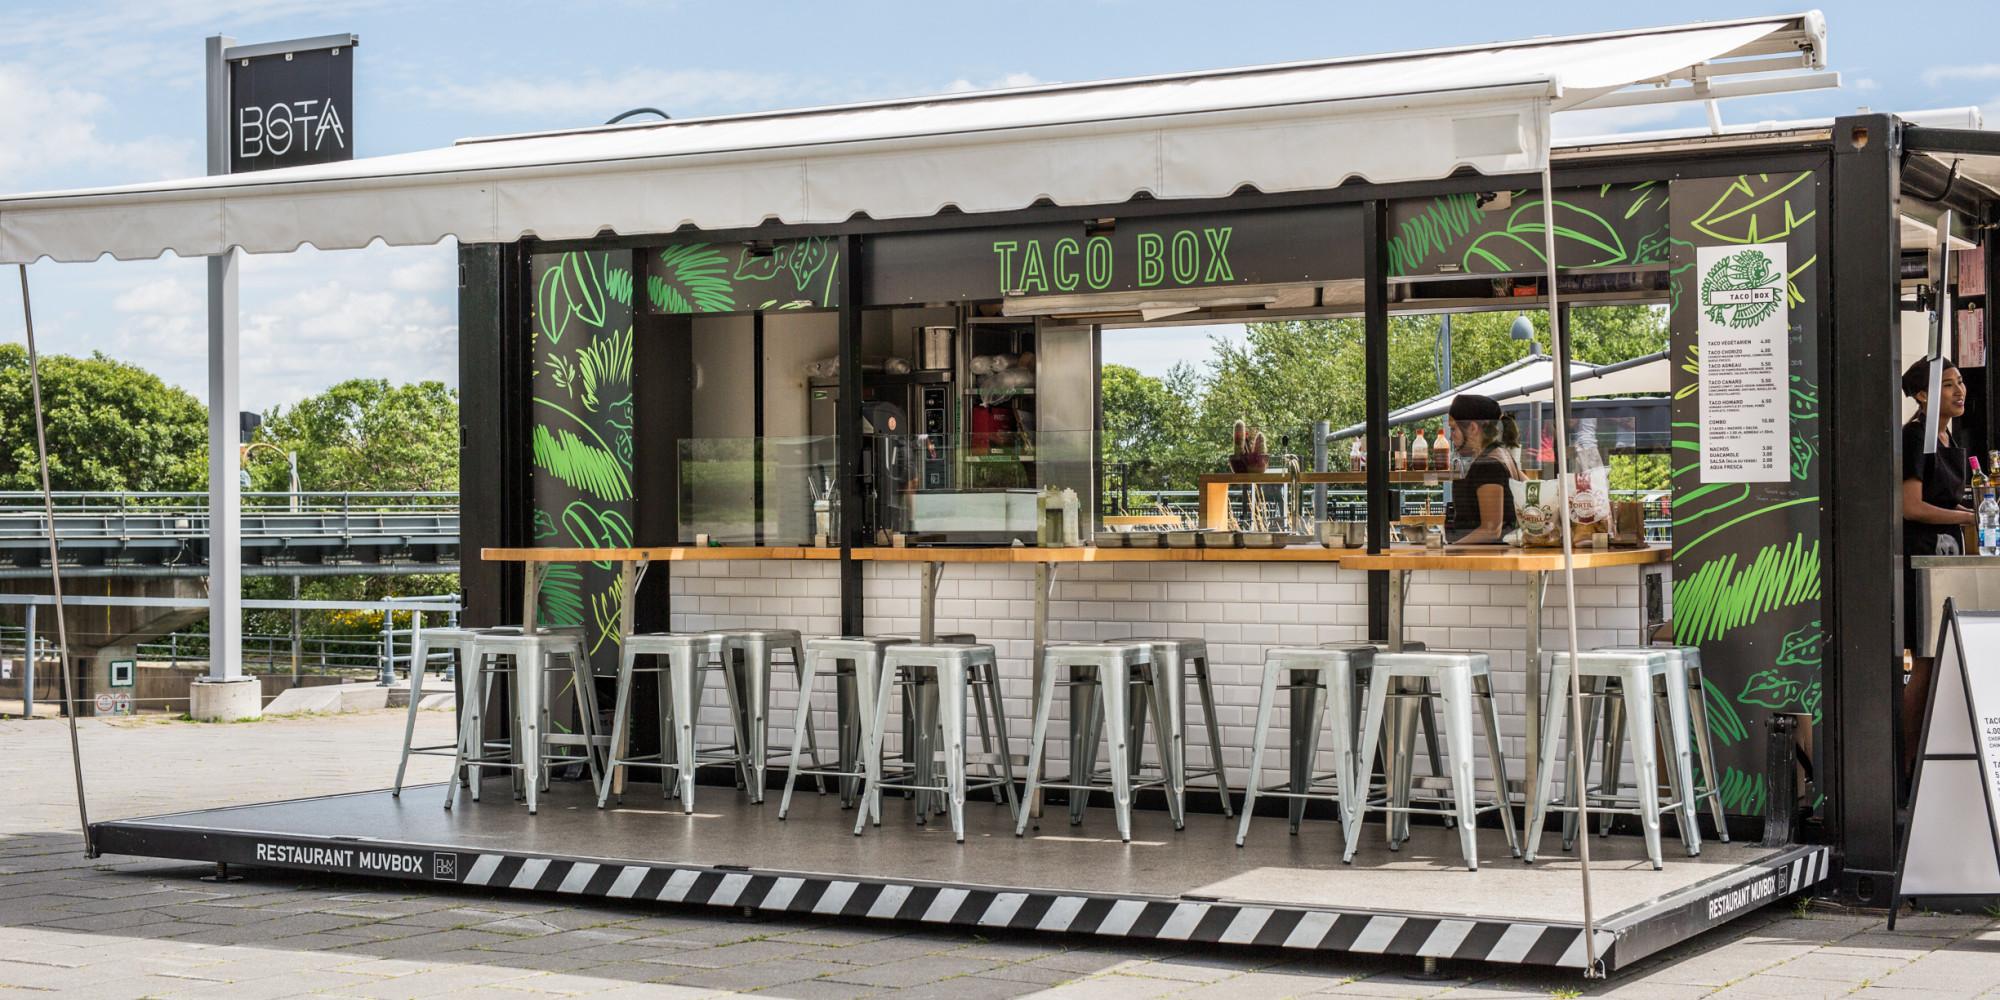 Tacobox un nouveau restaurant mobile au vieux port de montr al - Restaurant vieux port de quebec ...